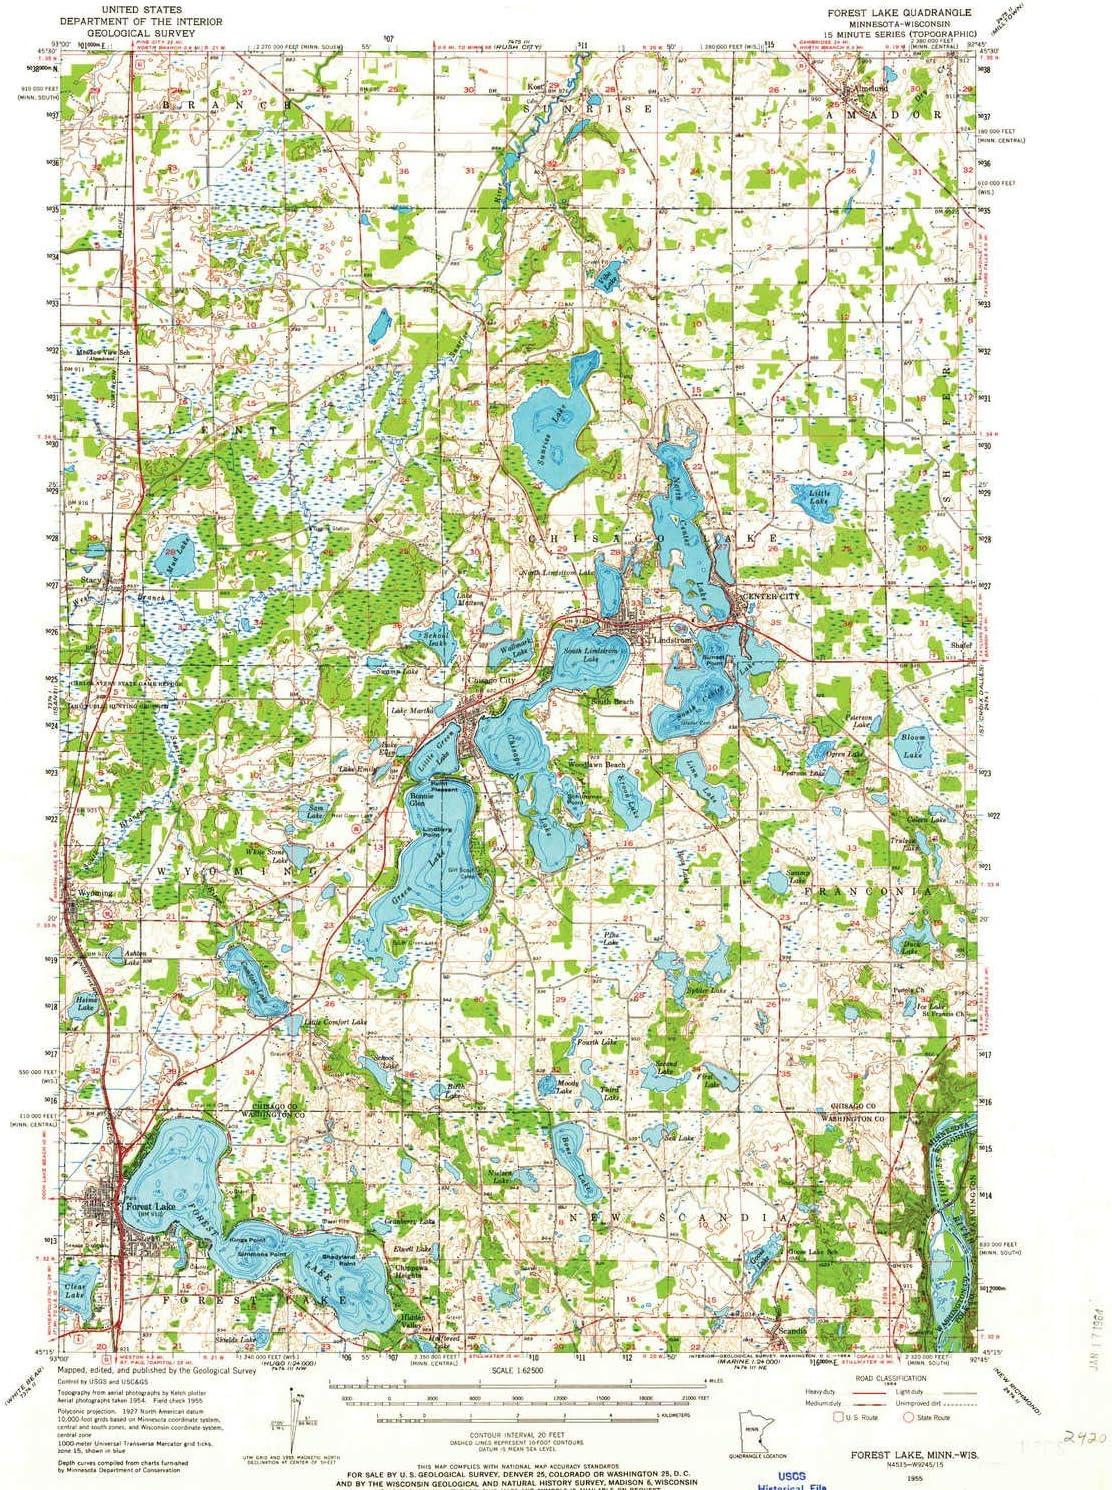 forest lake mn map Amazon Com Yellowmaps Forest Lake Mn Topo Map 1 62500 Scale 15 forest lake mn map